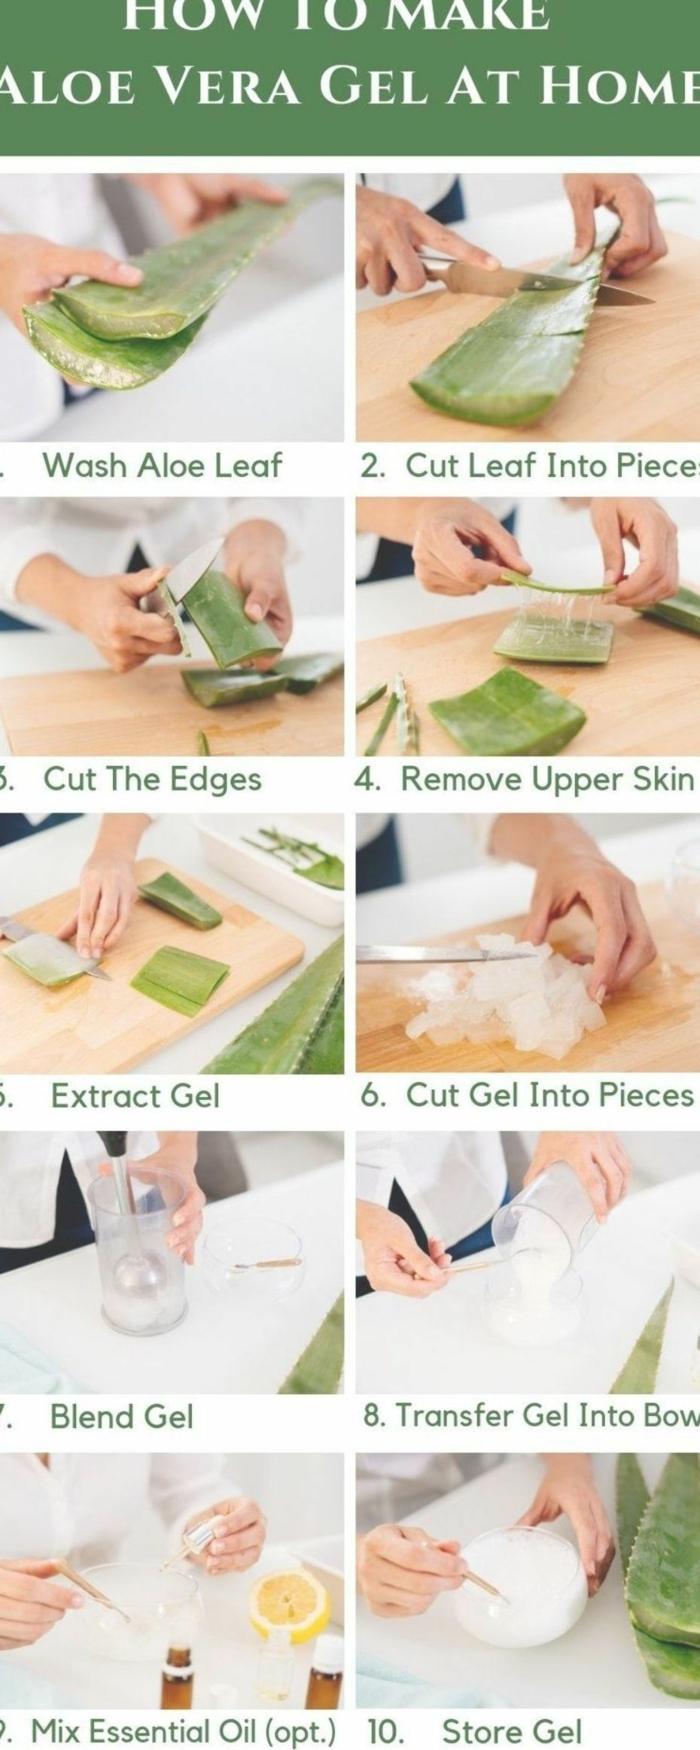 wie sie aloe vera gel selber machen können diy anleitung schritt für schritt aloe pflanze schneiden